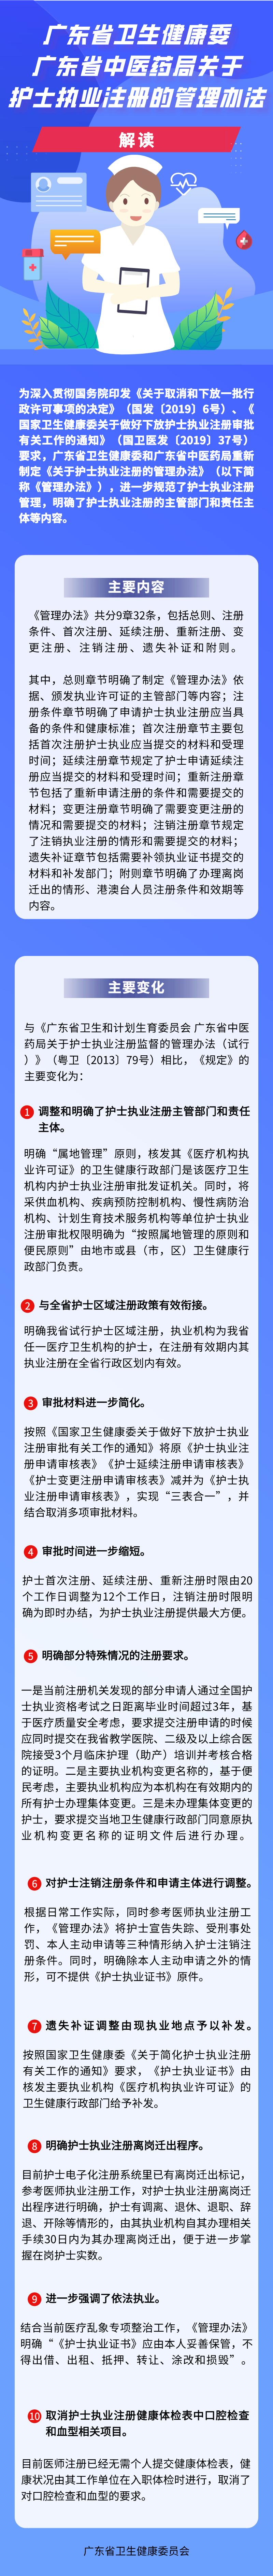 关于护士执业注册的管理办法 (1).png